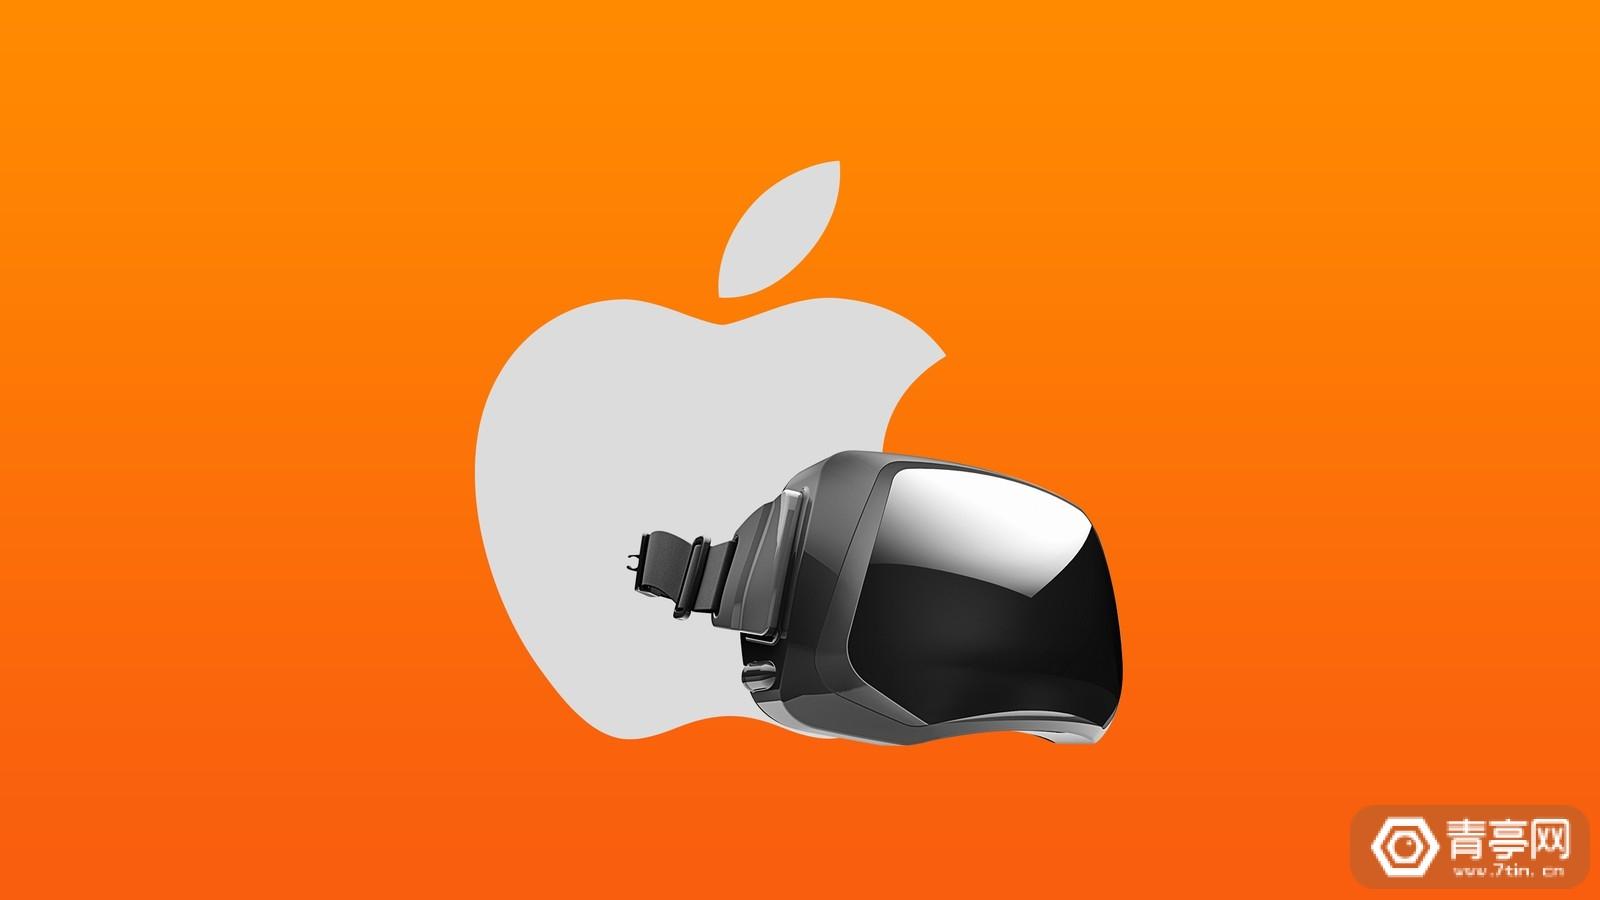 彭博:苹果MR头显未来几个月发布,并举行线下发布会